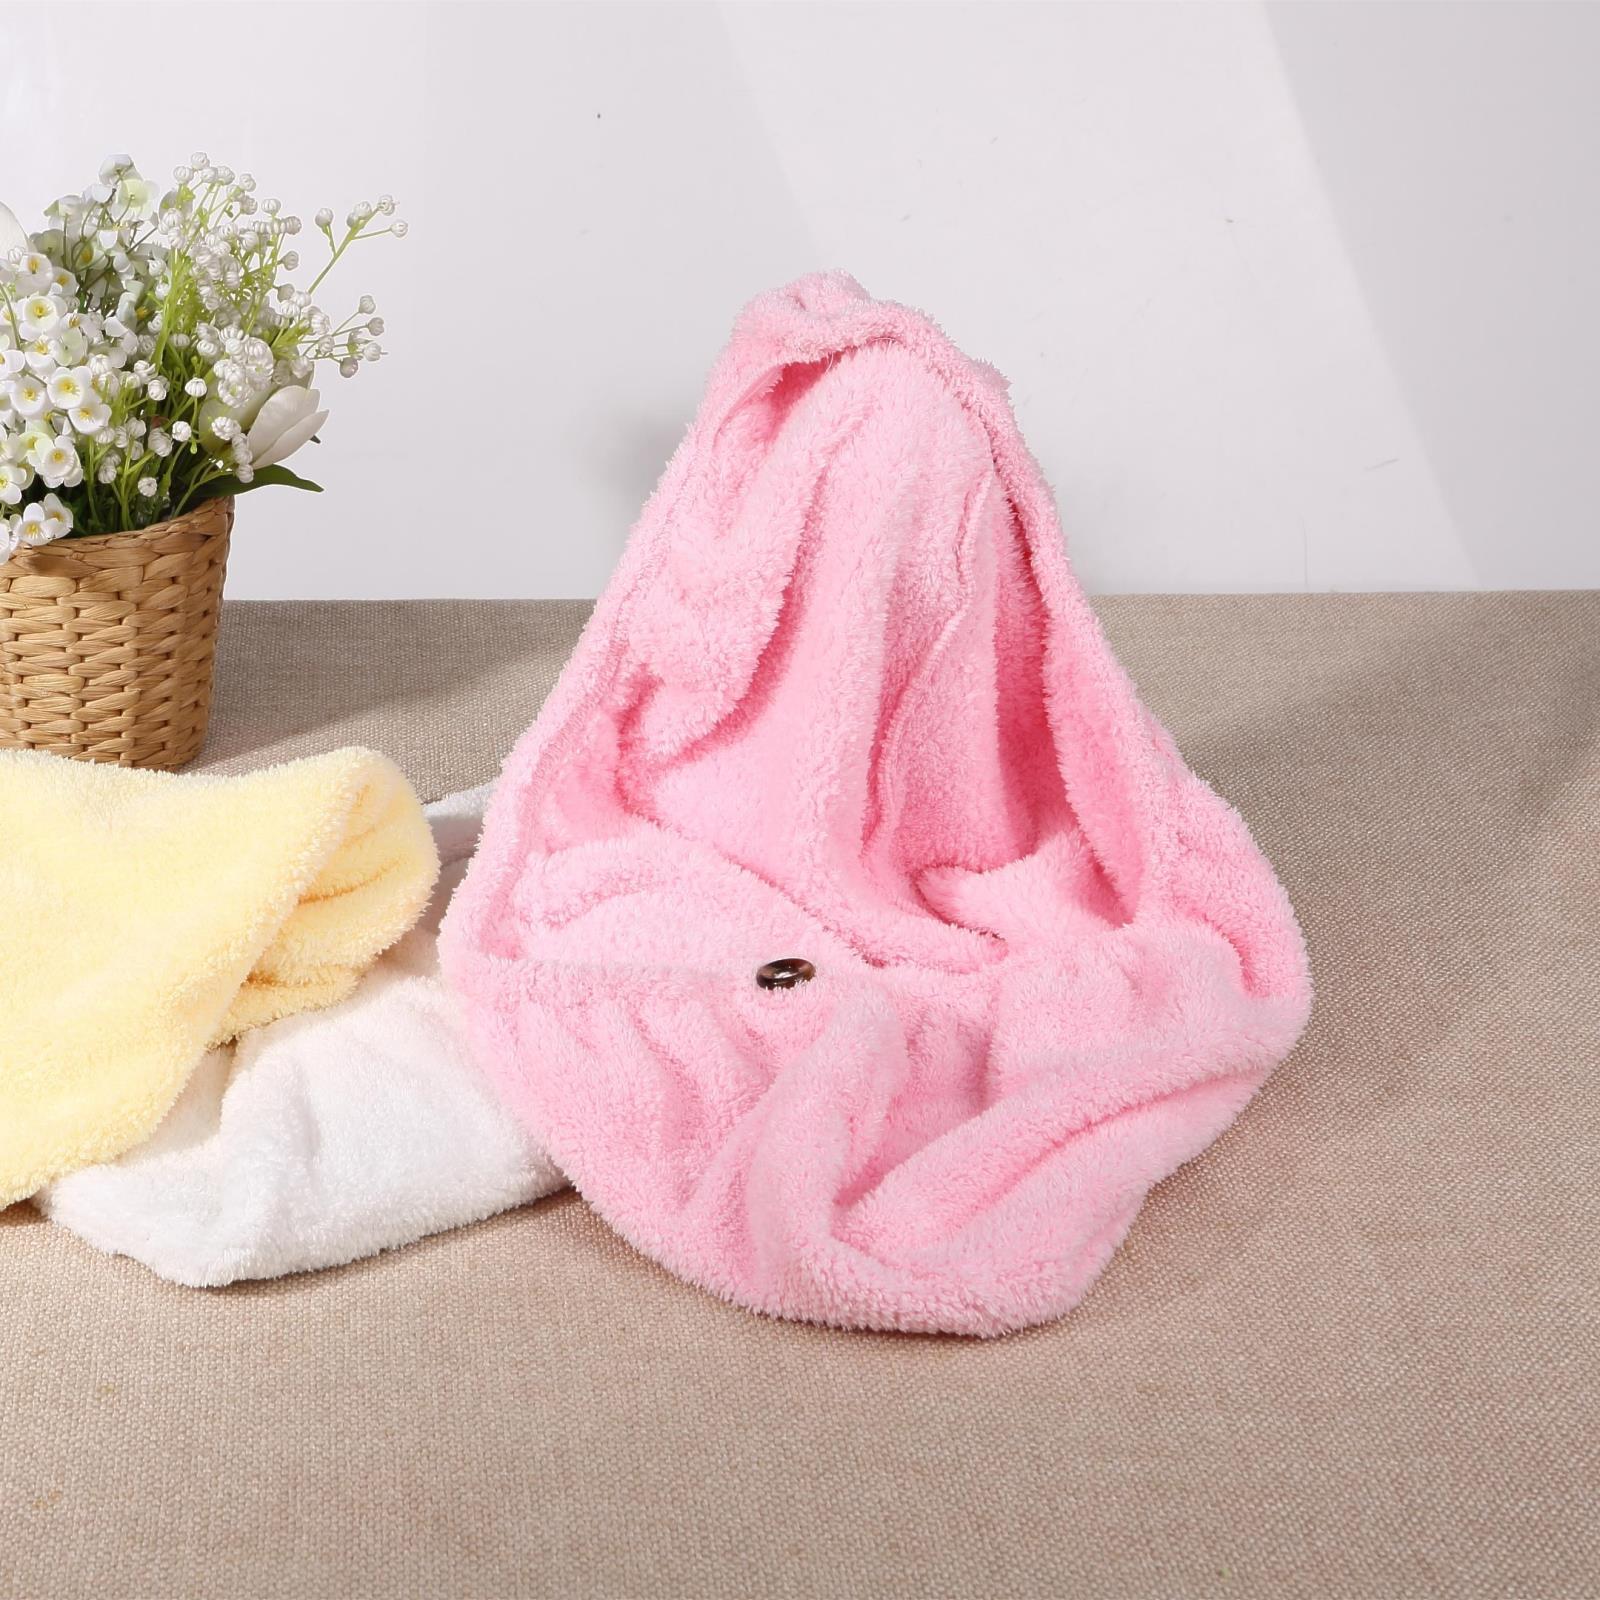 原产台湾包邮【优倍加】超细天然棉纤维绒柔软吸水干发帽不伤发质